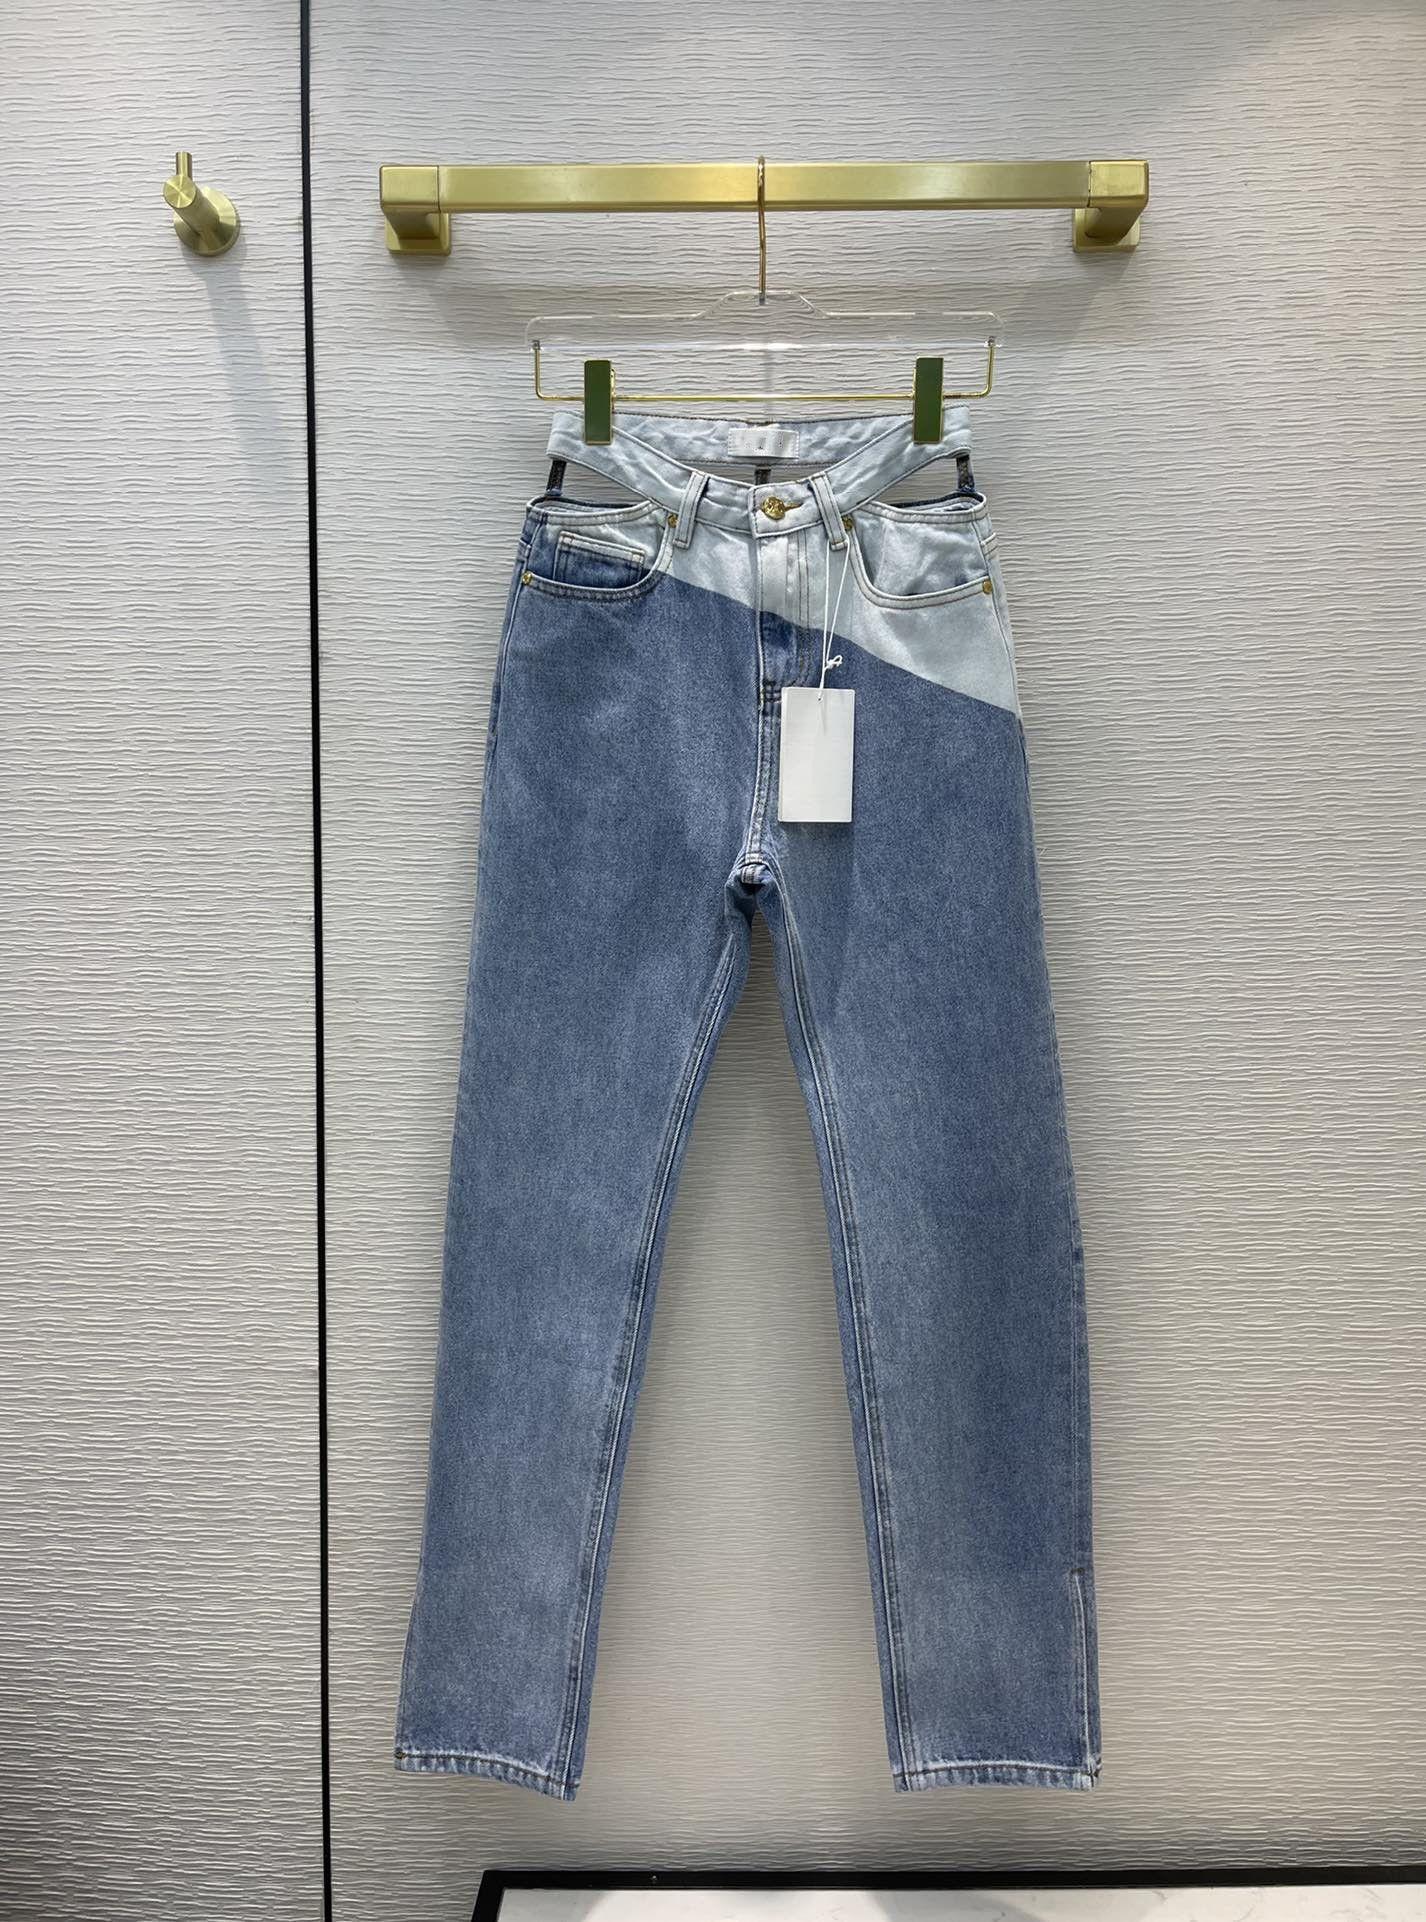 Milan Pist Jeans 2021 Sonbahar Moda Panelli Tasarımcı Düz Kot Marka Aynı Stil Lüks Kadın Kot 0719-7